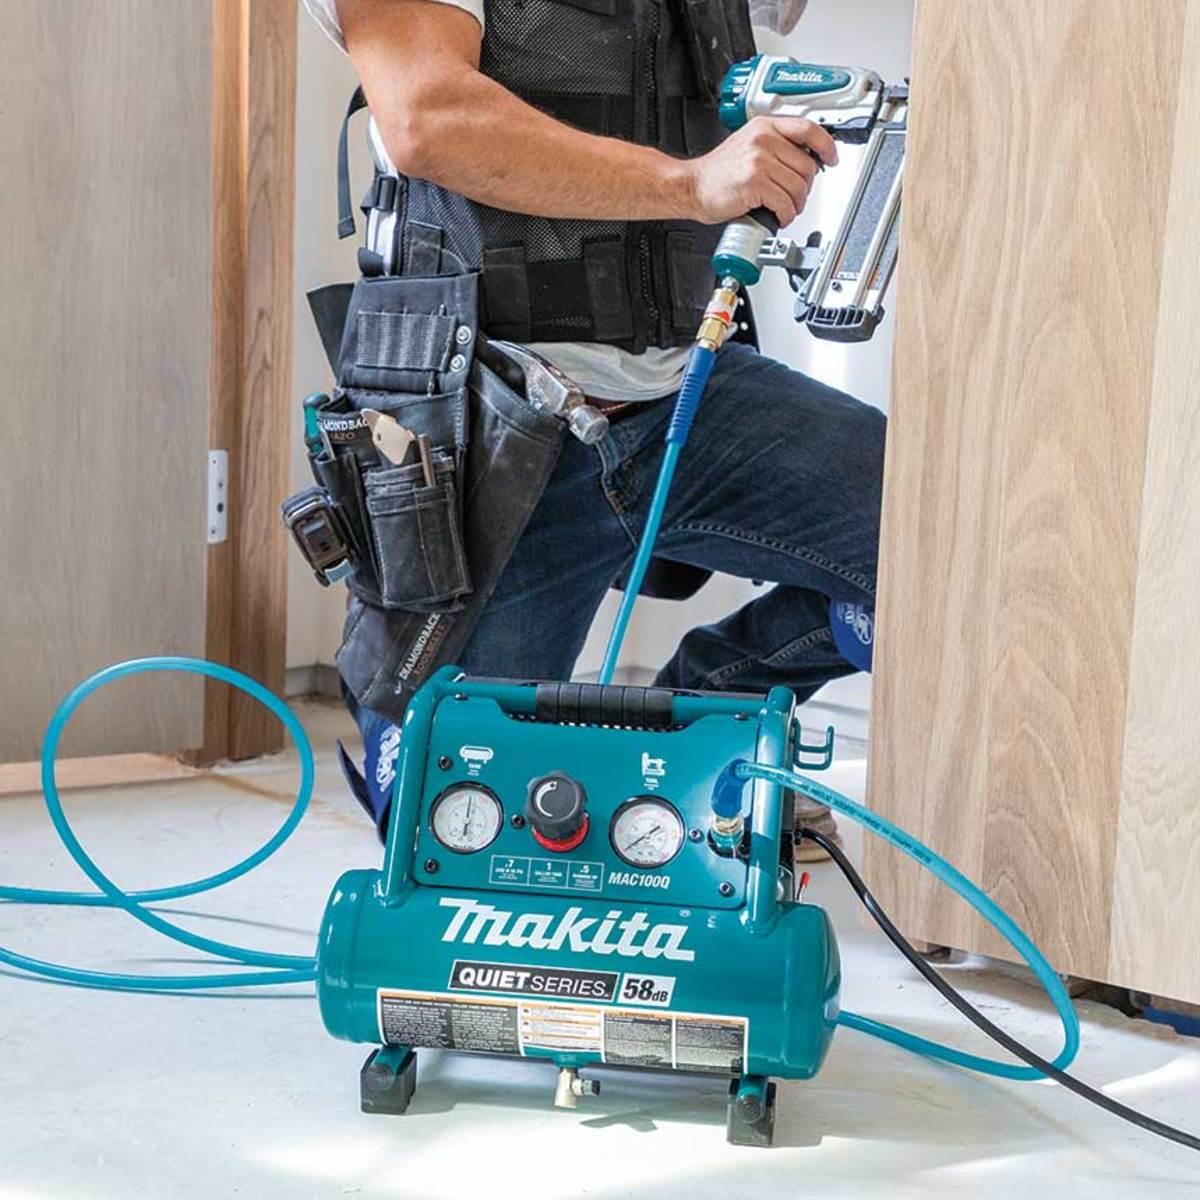 Makita's new Quiet Series air compressor.